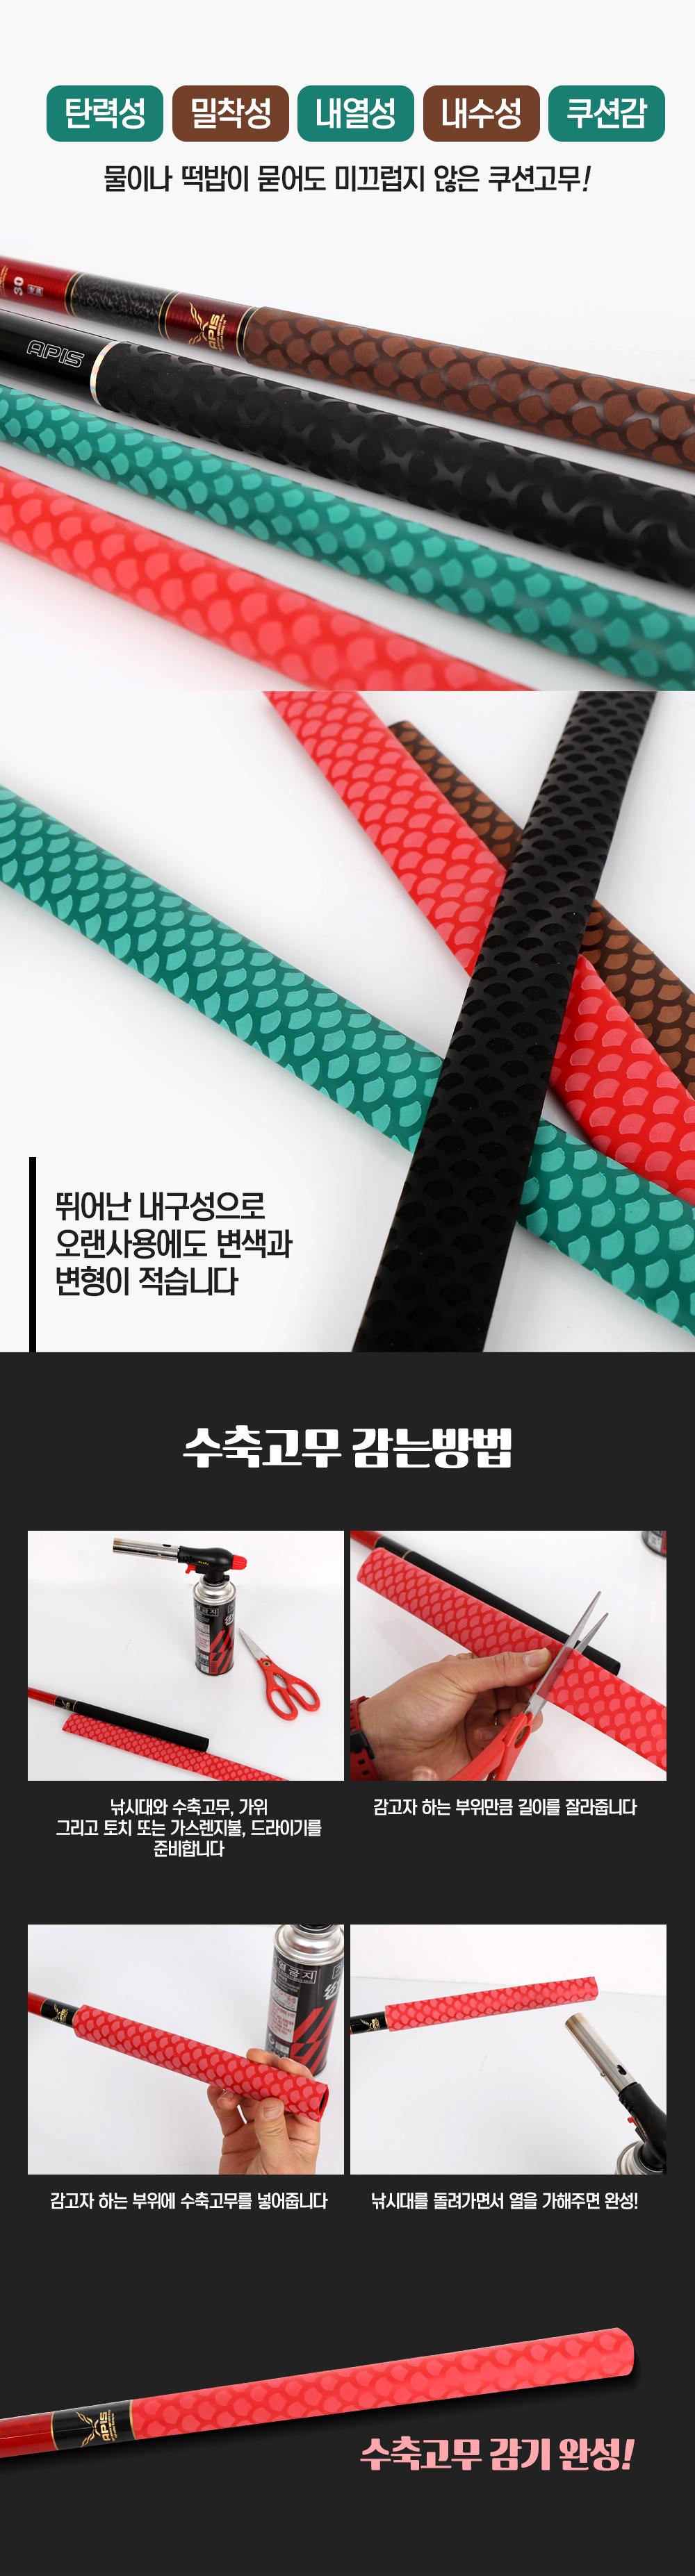 픽토리 실속형 열수축 고무 50cm FIC-SG01 4color 수축고무 수축밴드 낚시대손잡이그립 손잡이그립 낚시대수축고무 수축튜브